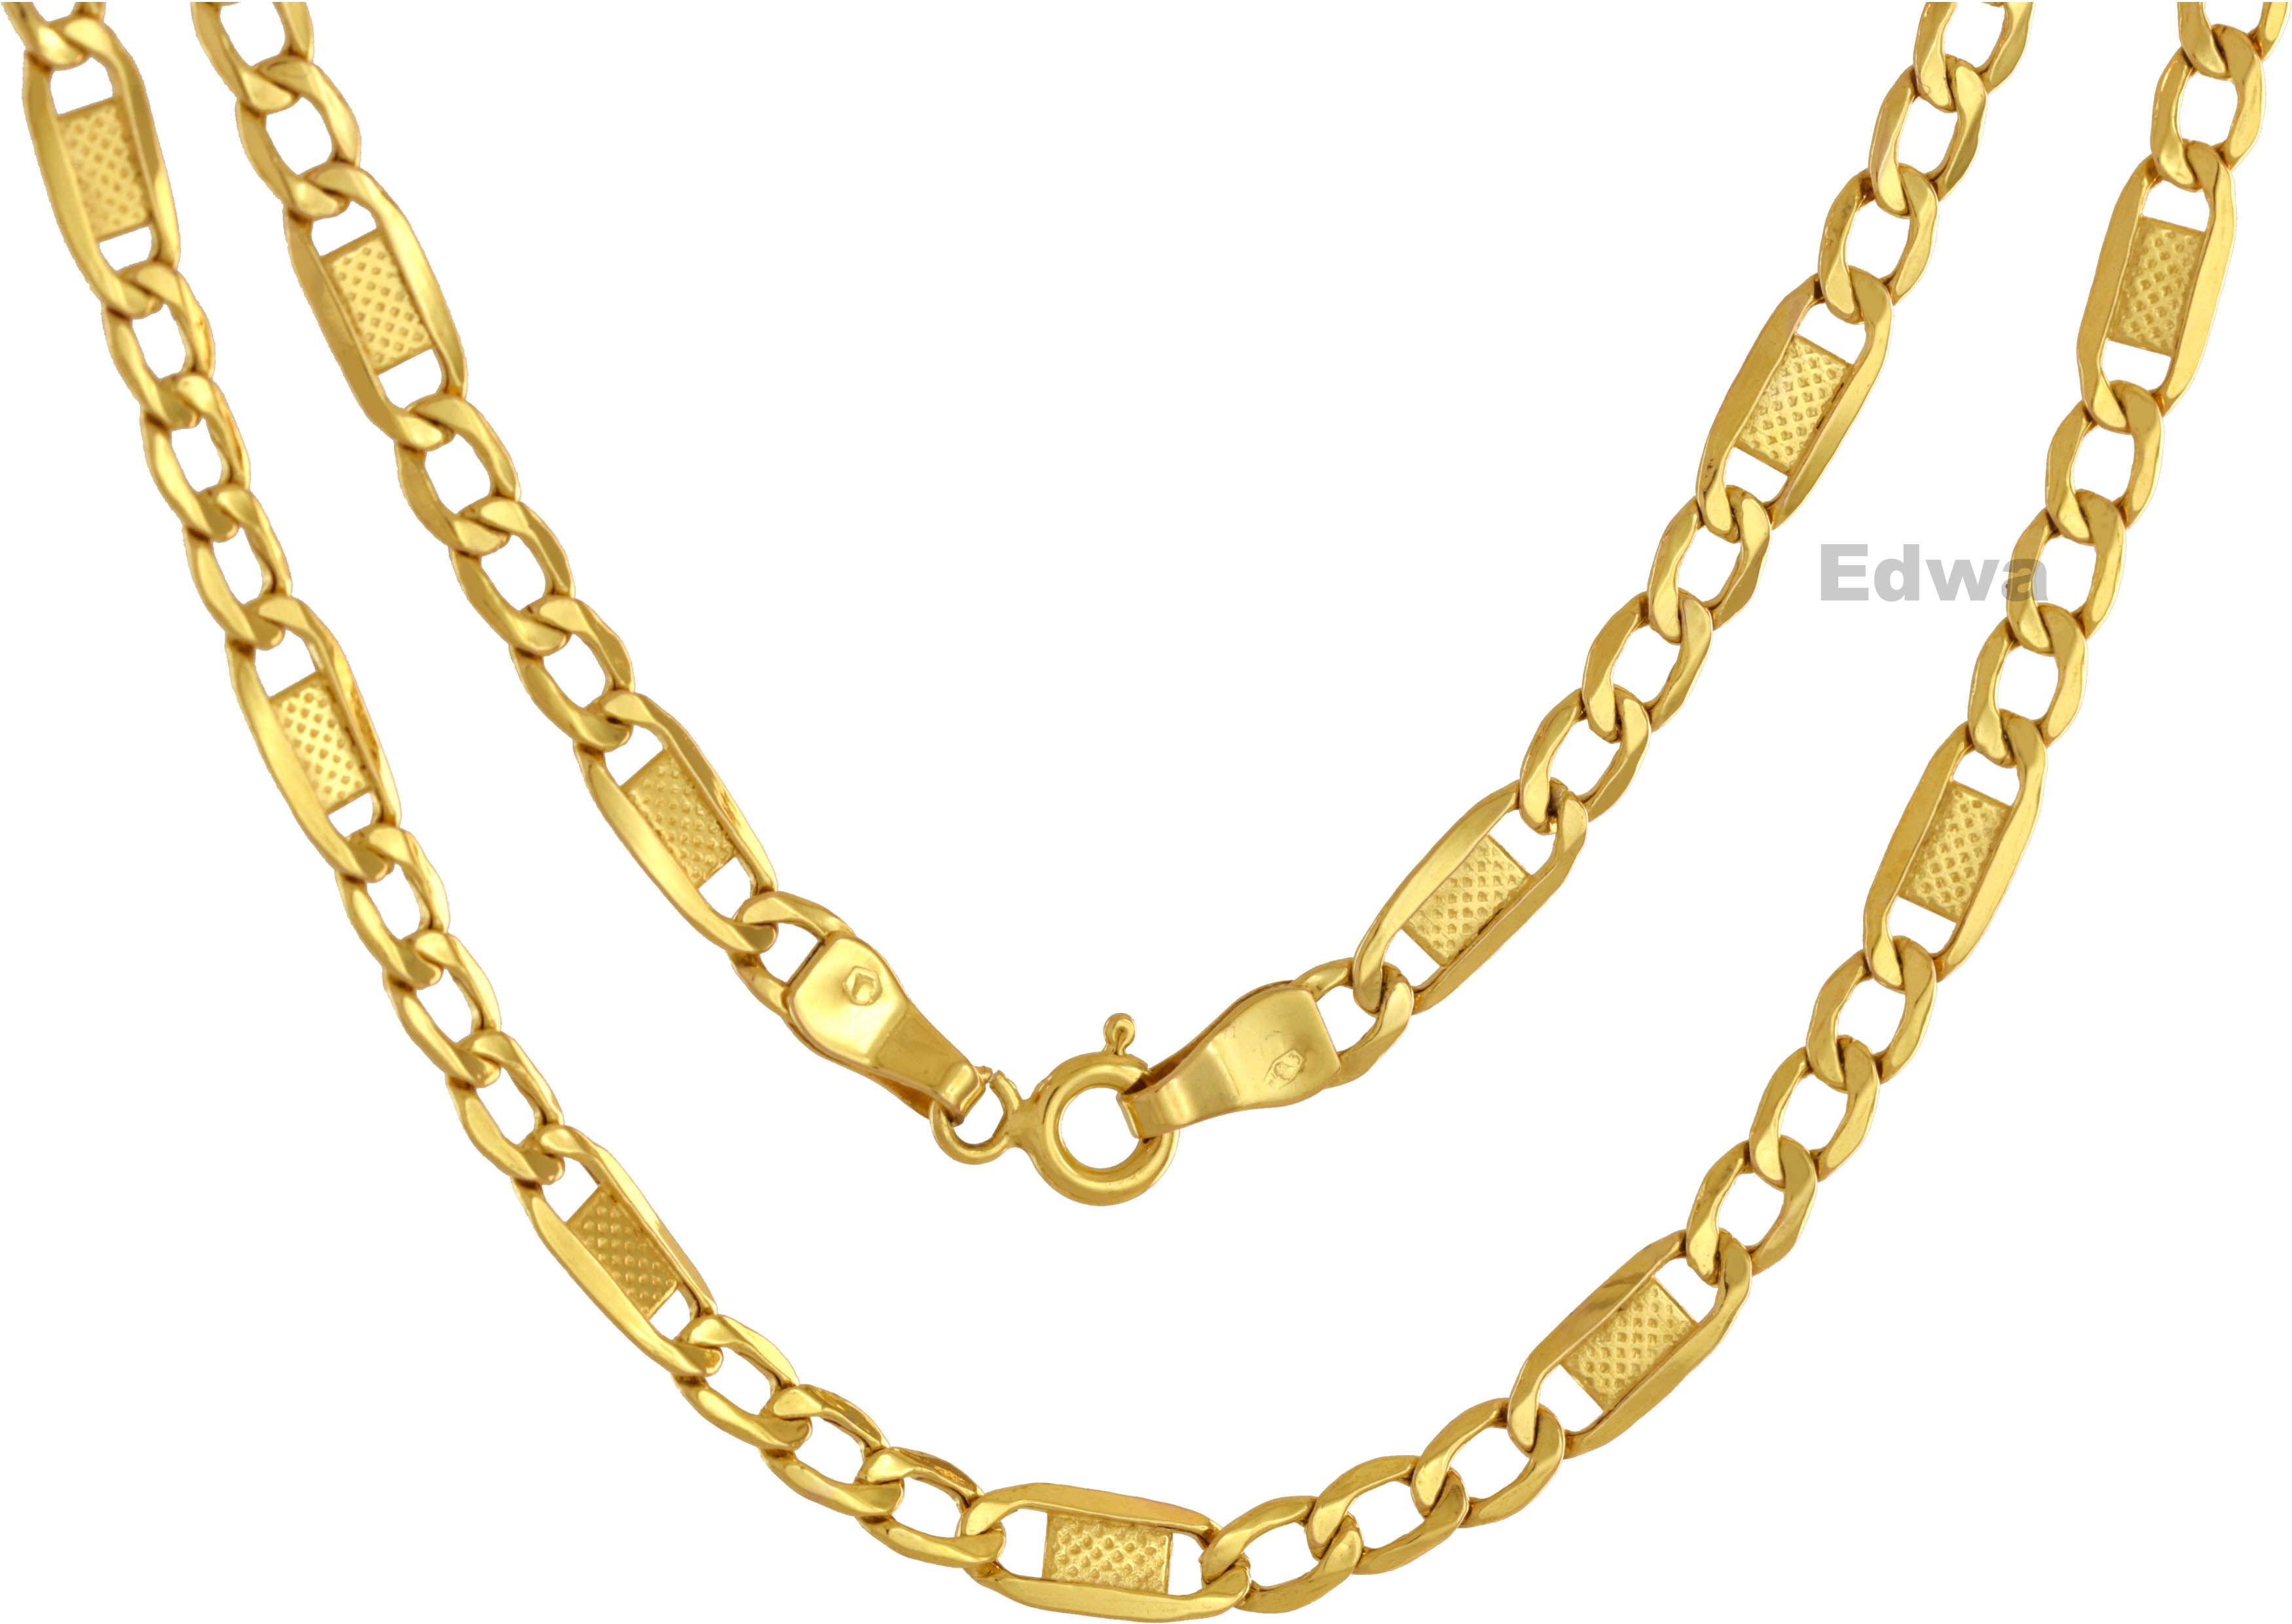 Łańcuszek złoty, Figaro z wzorem, dmuchane złoto pr.585 50 cm